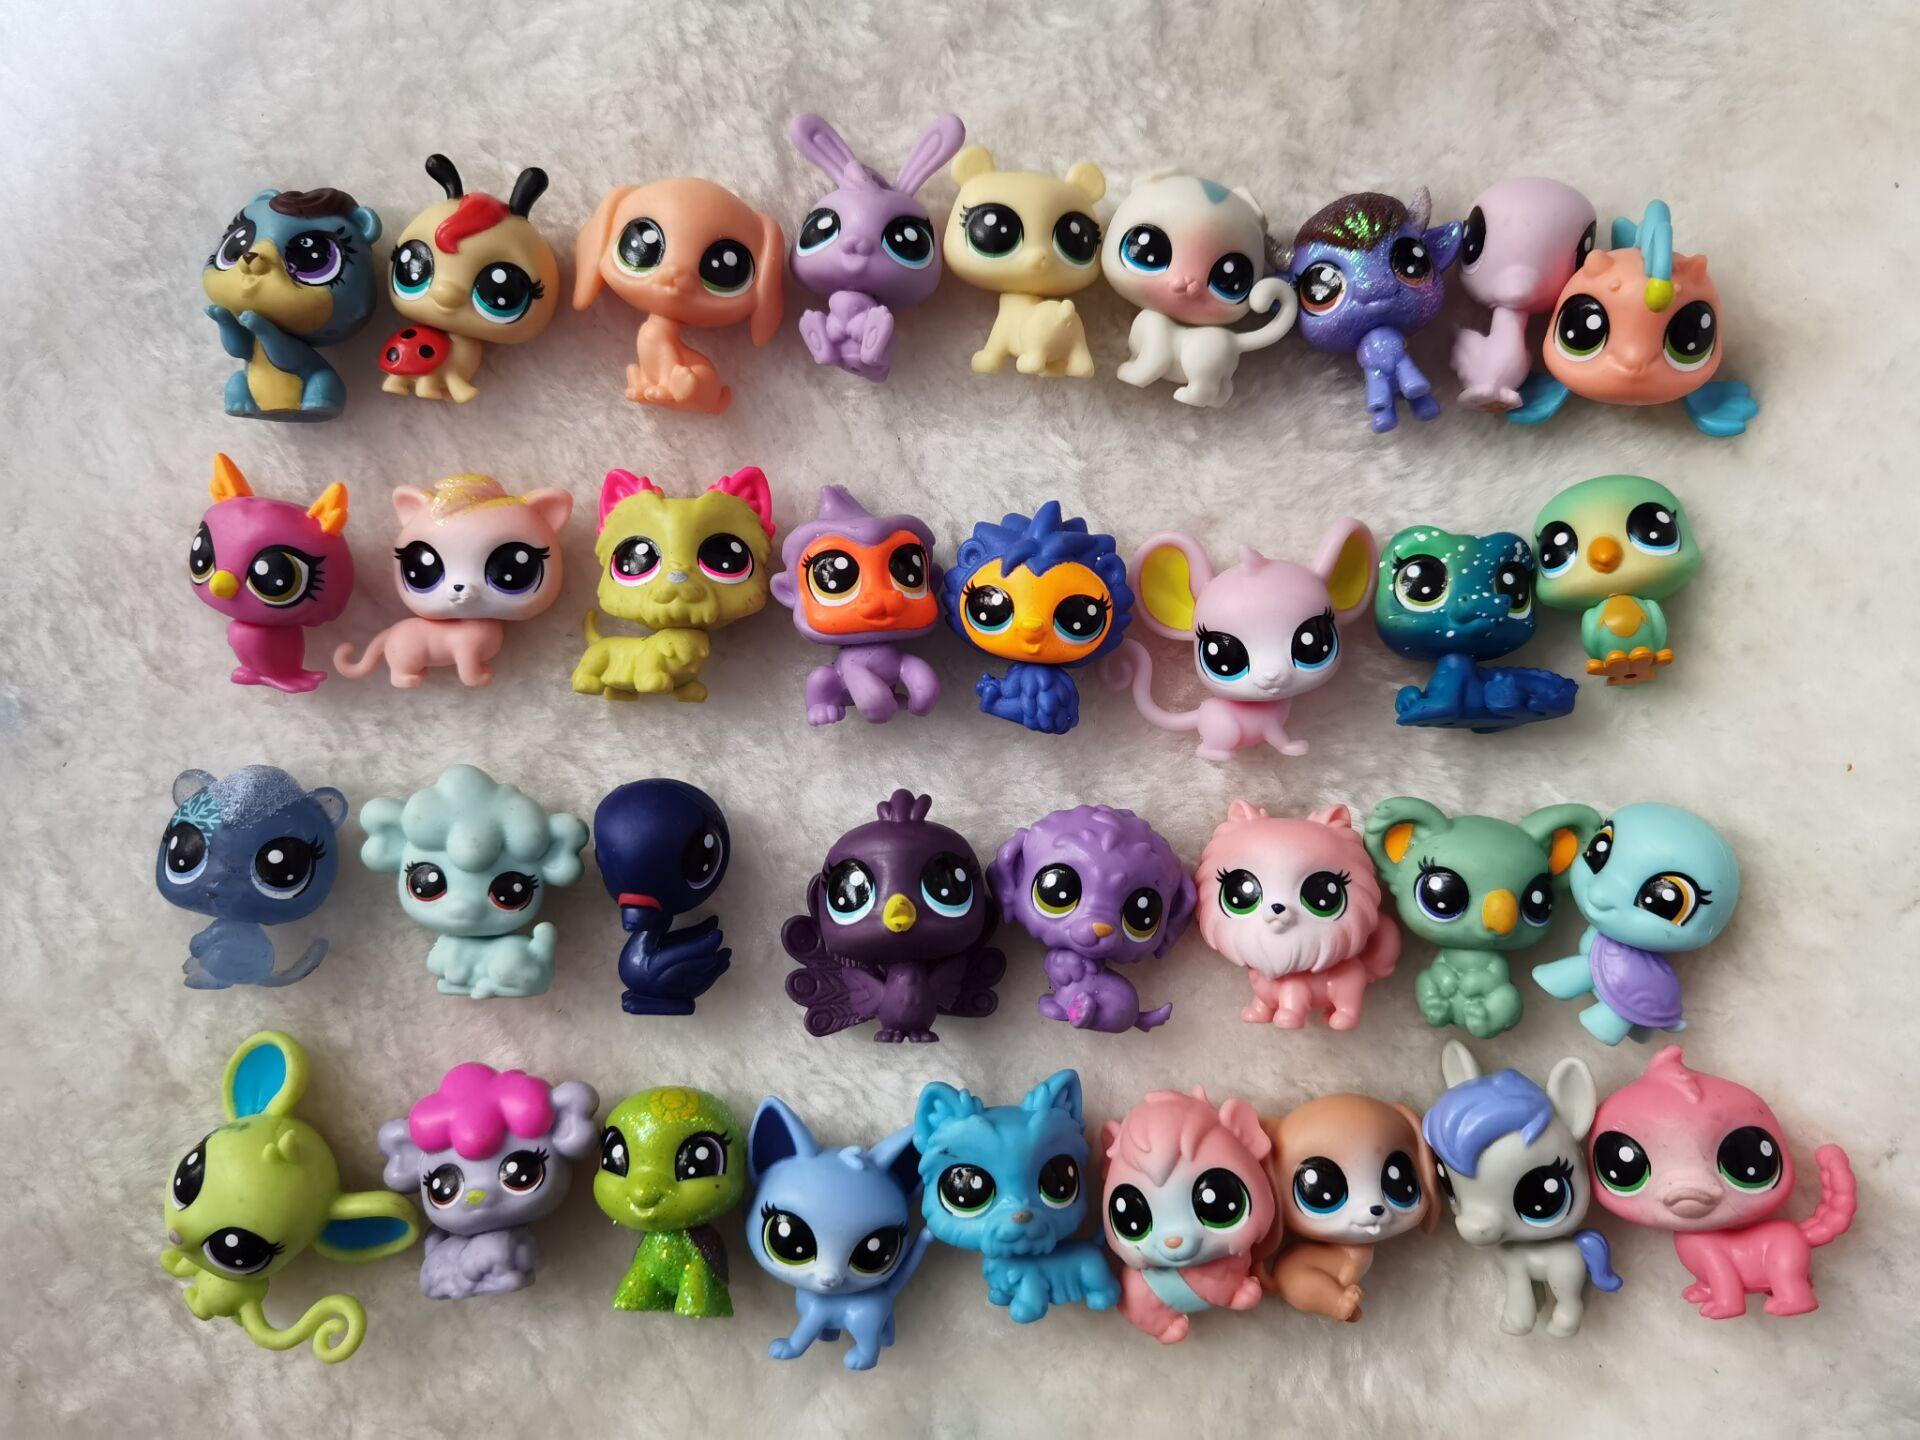 12 шт., 2-3 см, старые игрушки для домашних животных, кошка, щенок, фигурка, Мини-куклы, игрушки, фигурки, Классический маленький питомец, кошка, с...